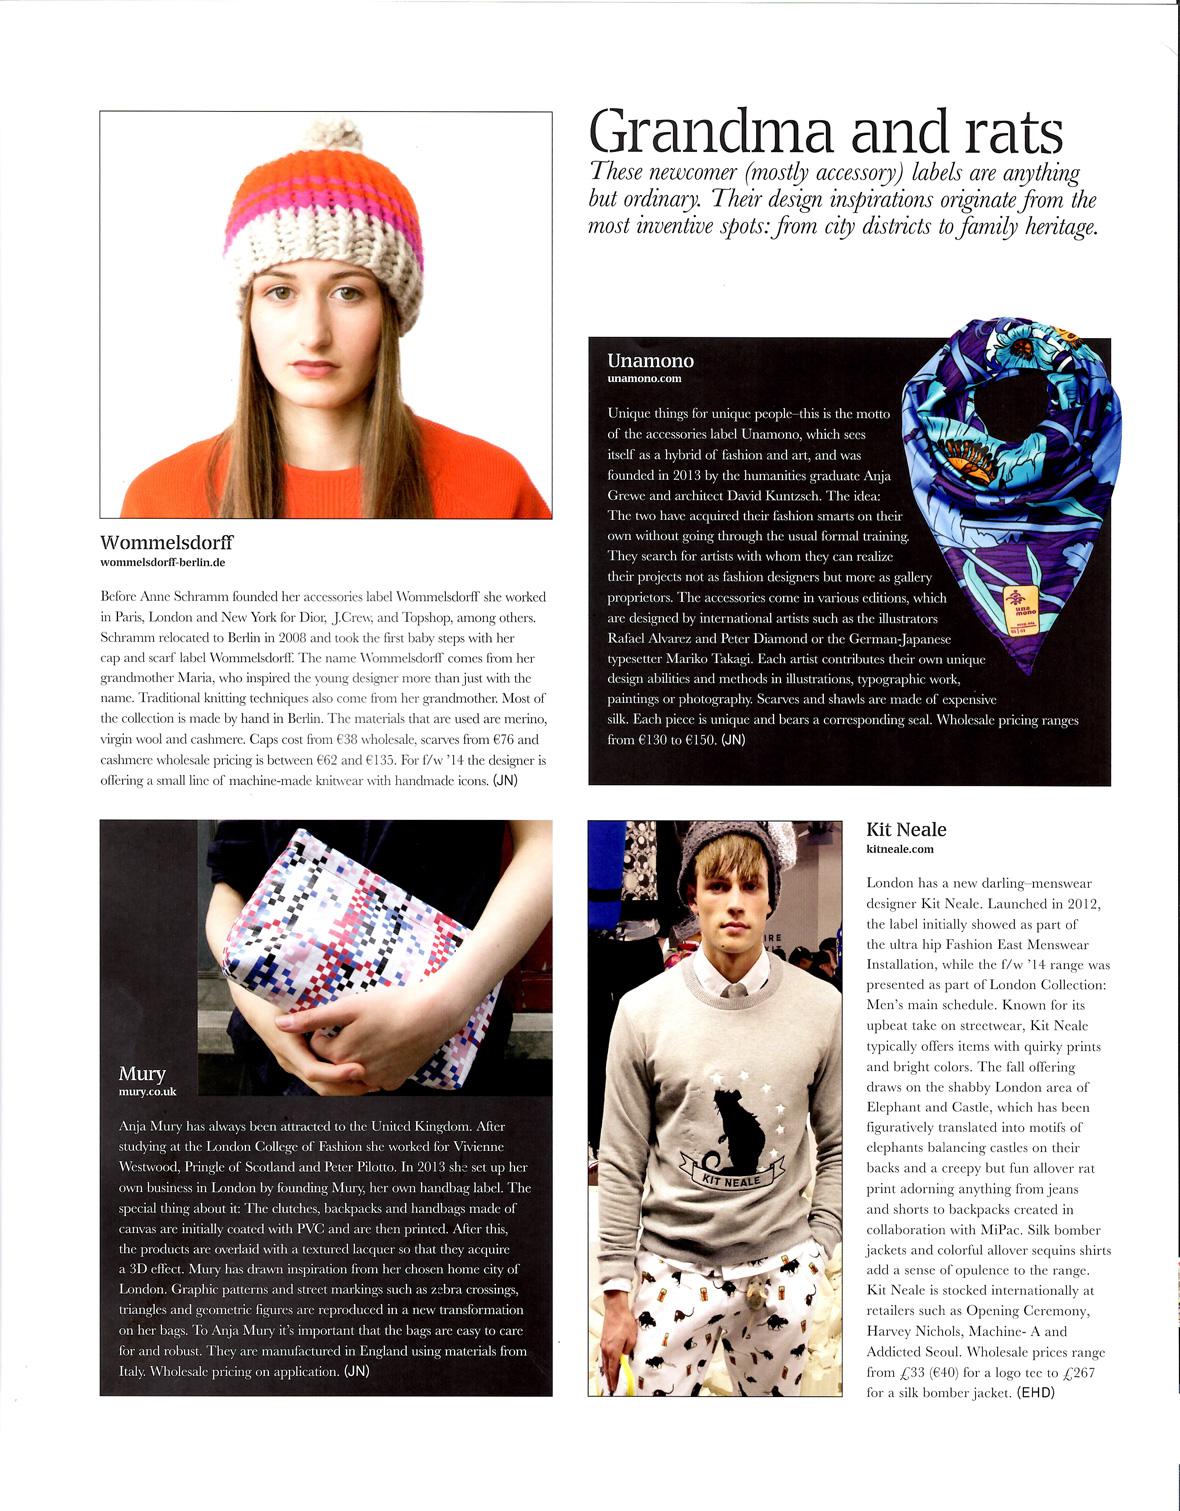 Sportswear-International-MURY-Handbag-March-2014